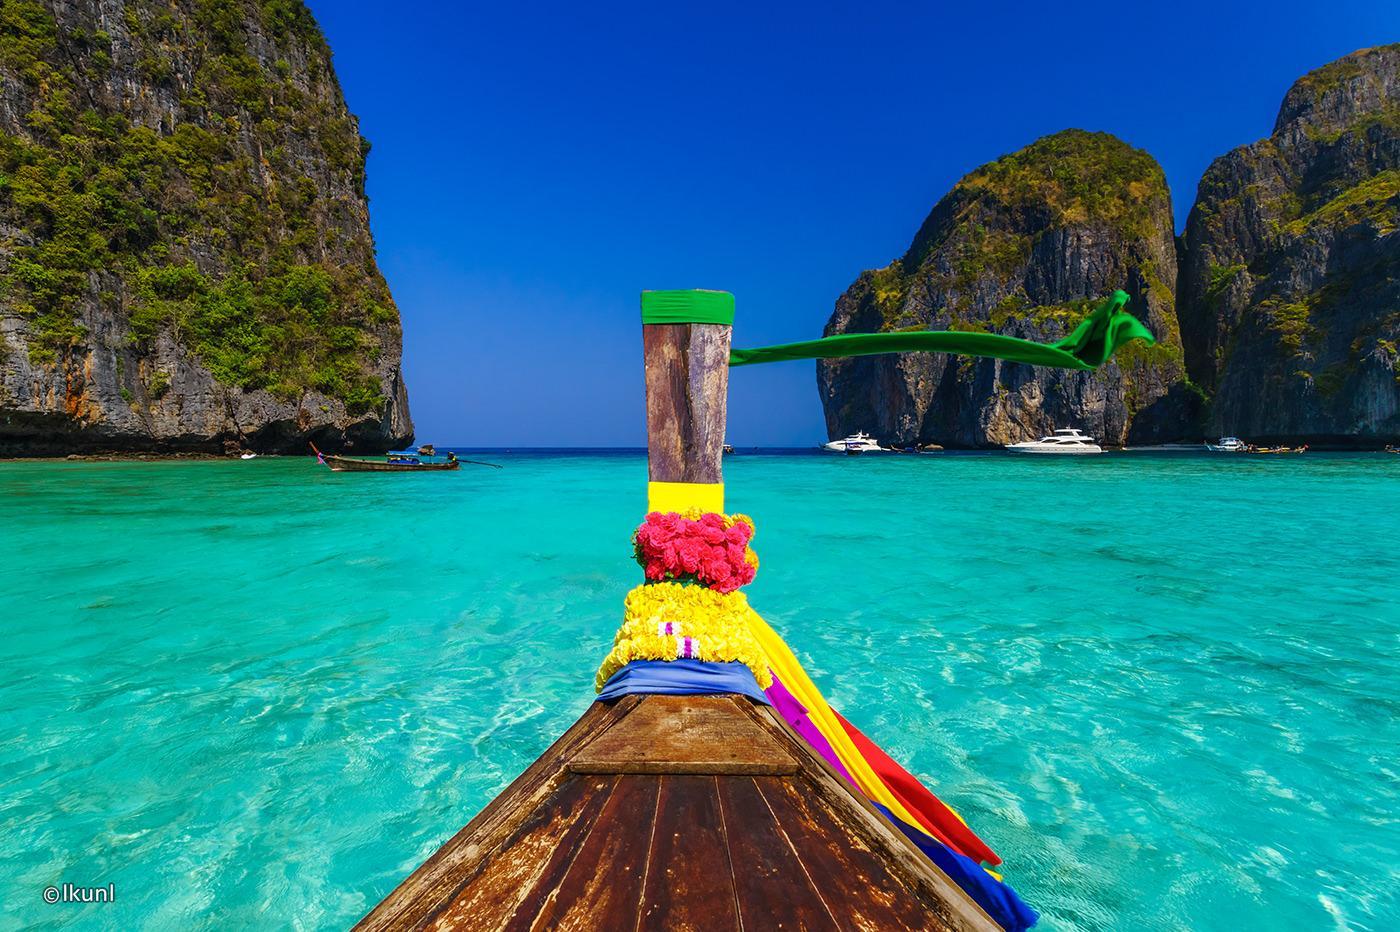 Du khách có thể thuê những chiếc thuyền và dạo quanh trên những hòn đảo nhỏ